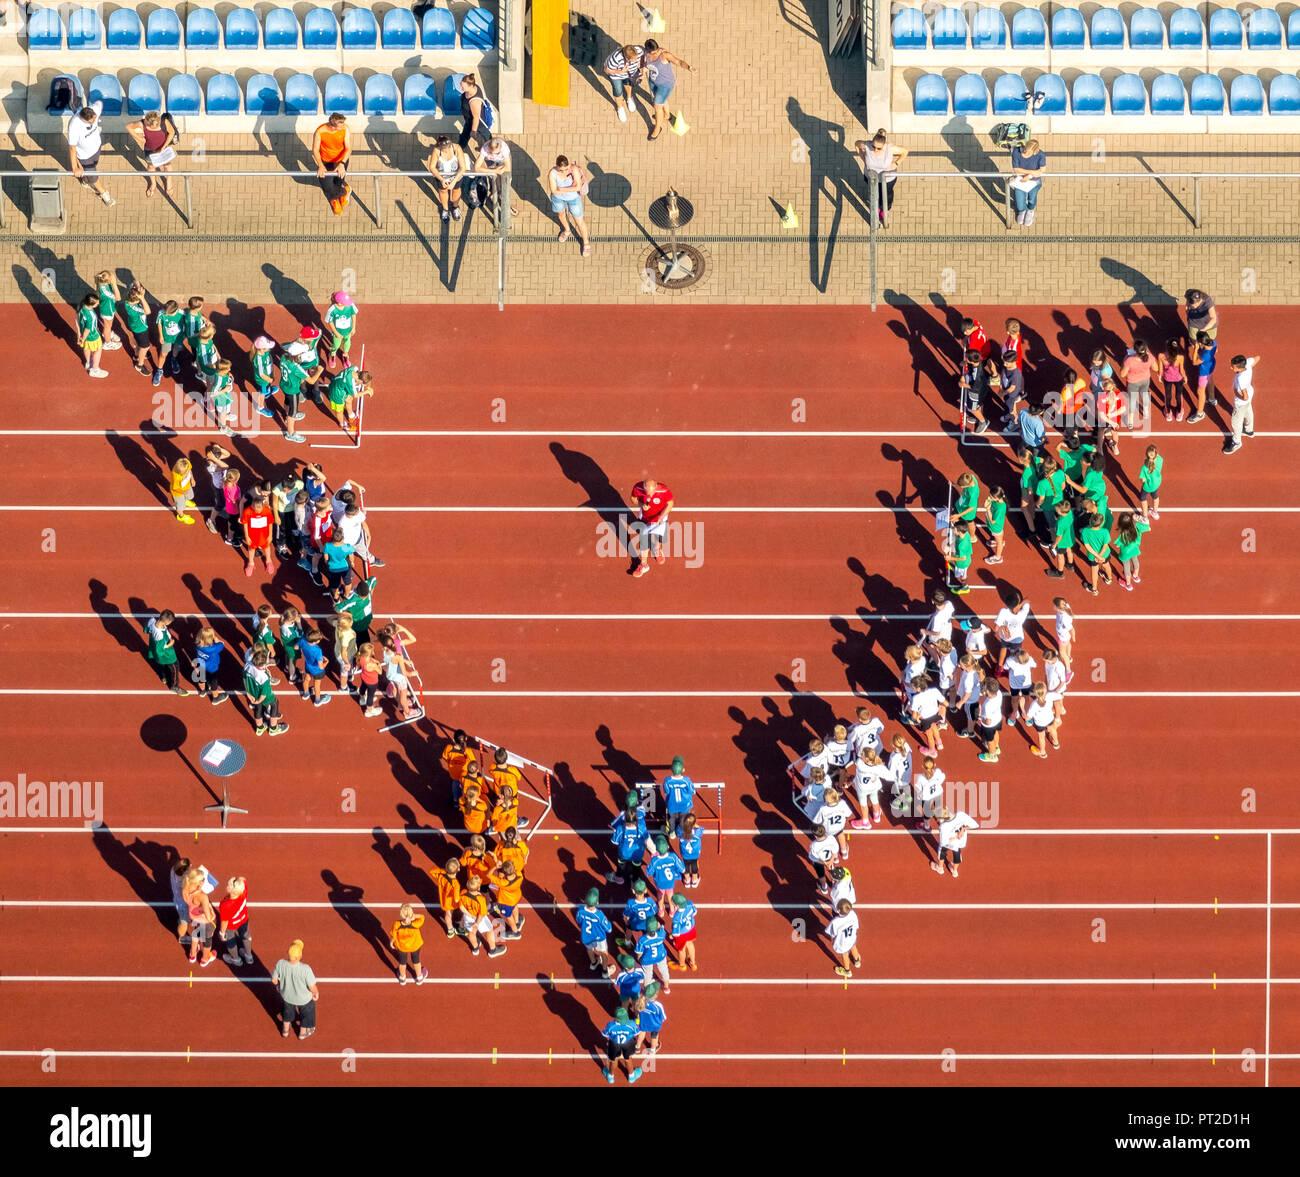 Concorsi e organizzatore annuncio sulla pista rossa in Jahnstadion Bottrop, Bundesjugendspiele, Bottrop, la zona della Ruhr, Nord Reno-Westfalia, Germania Immagini Stock